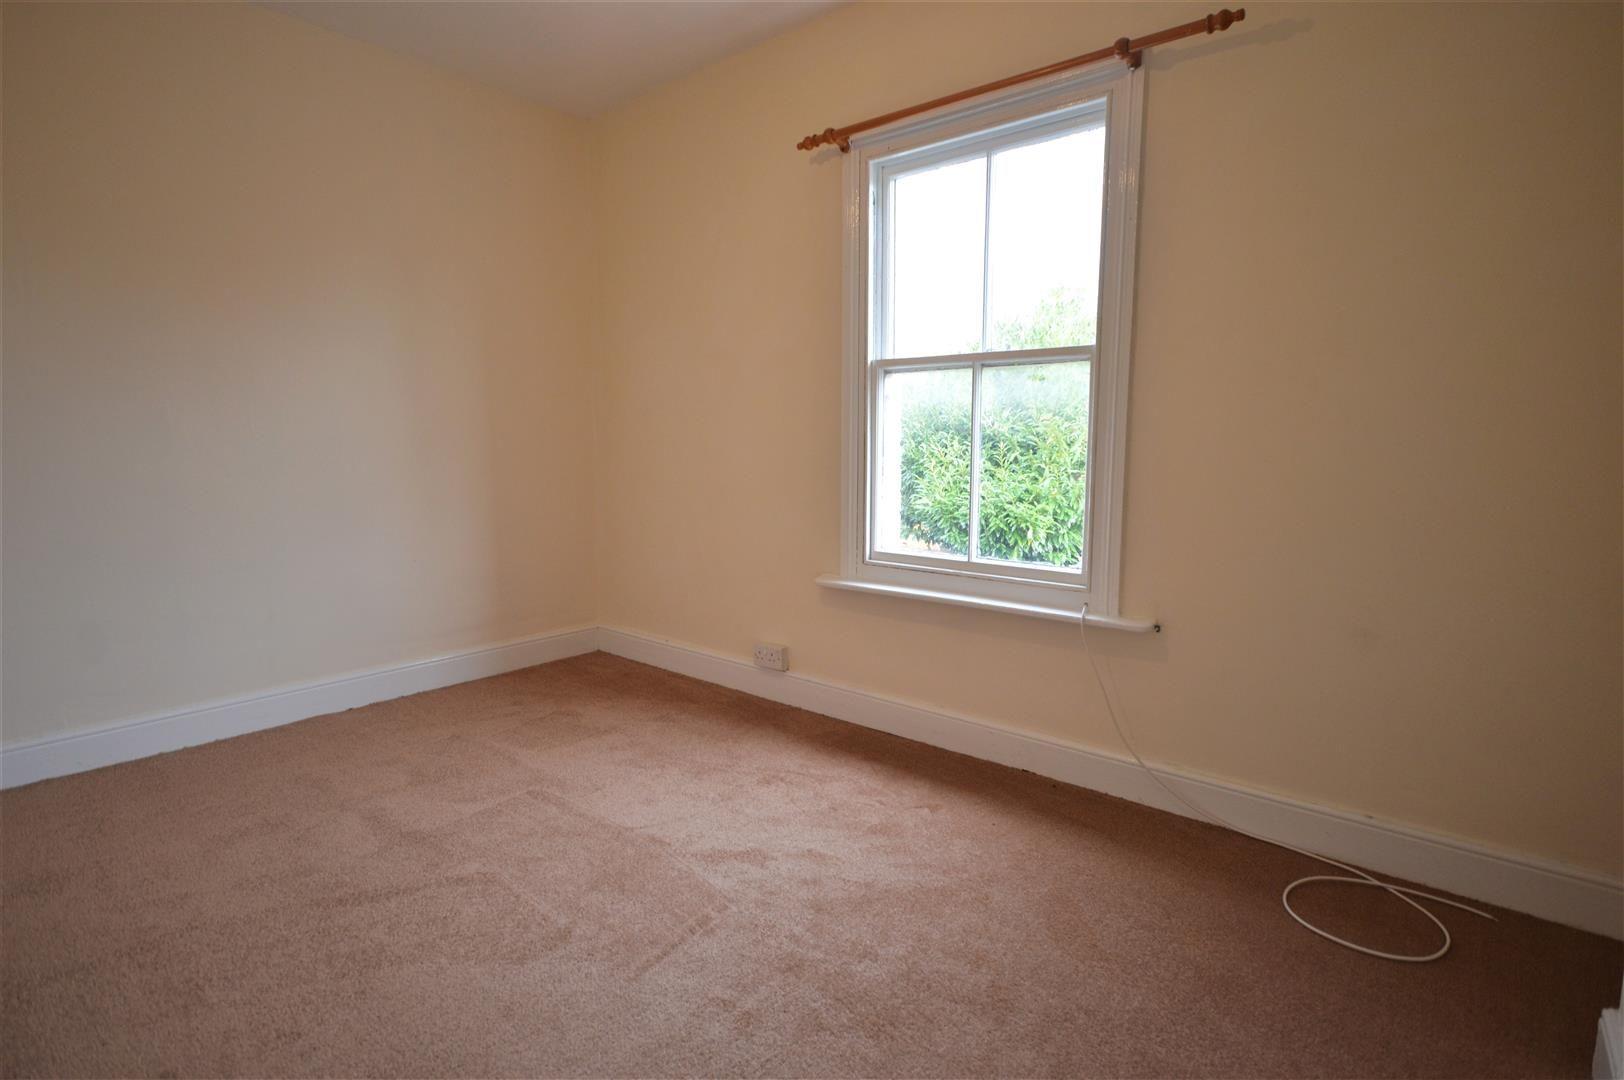 2 bed end of terrace for sale in Eardisland 6